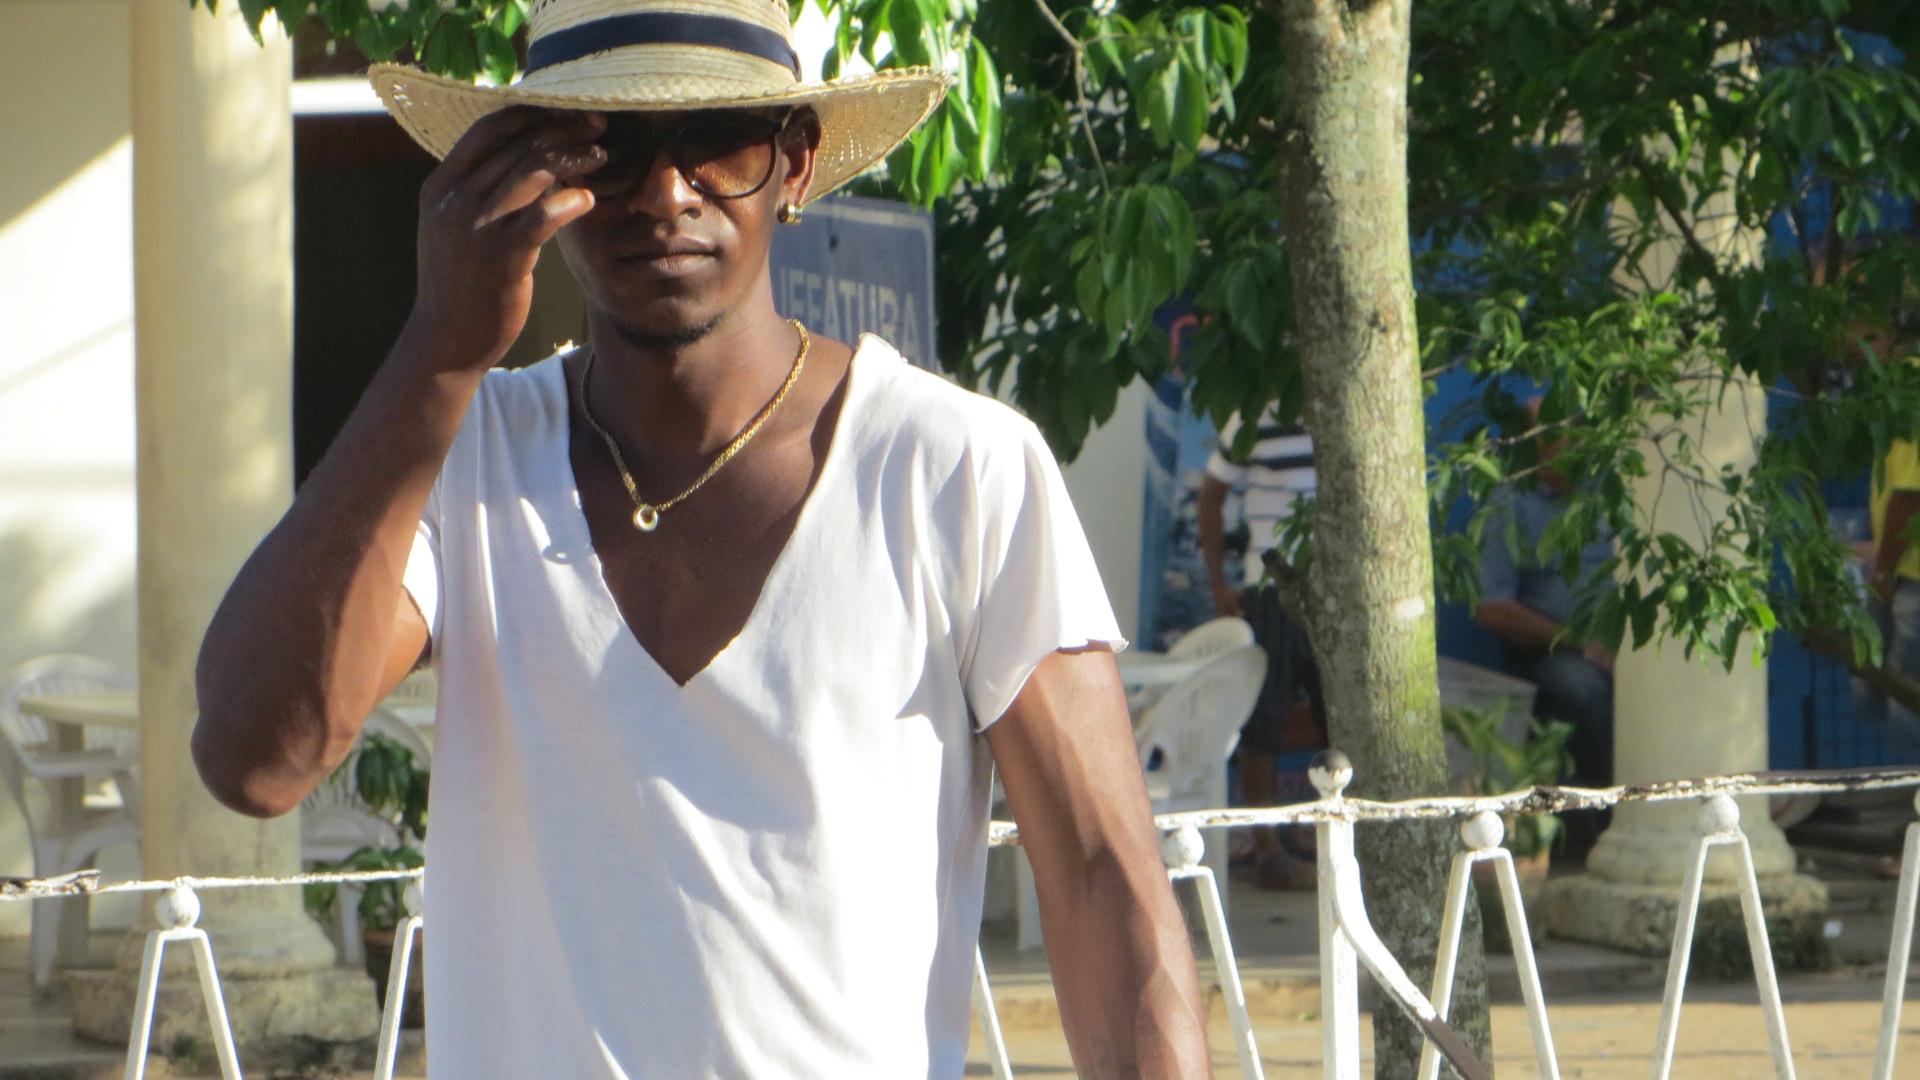 Kuba-junger Kubaner mit Hut-